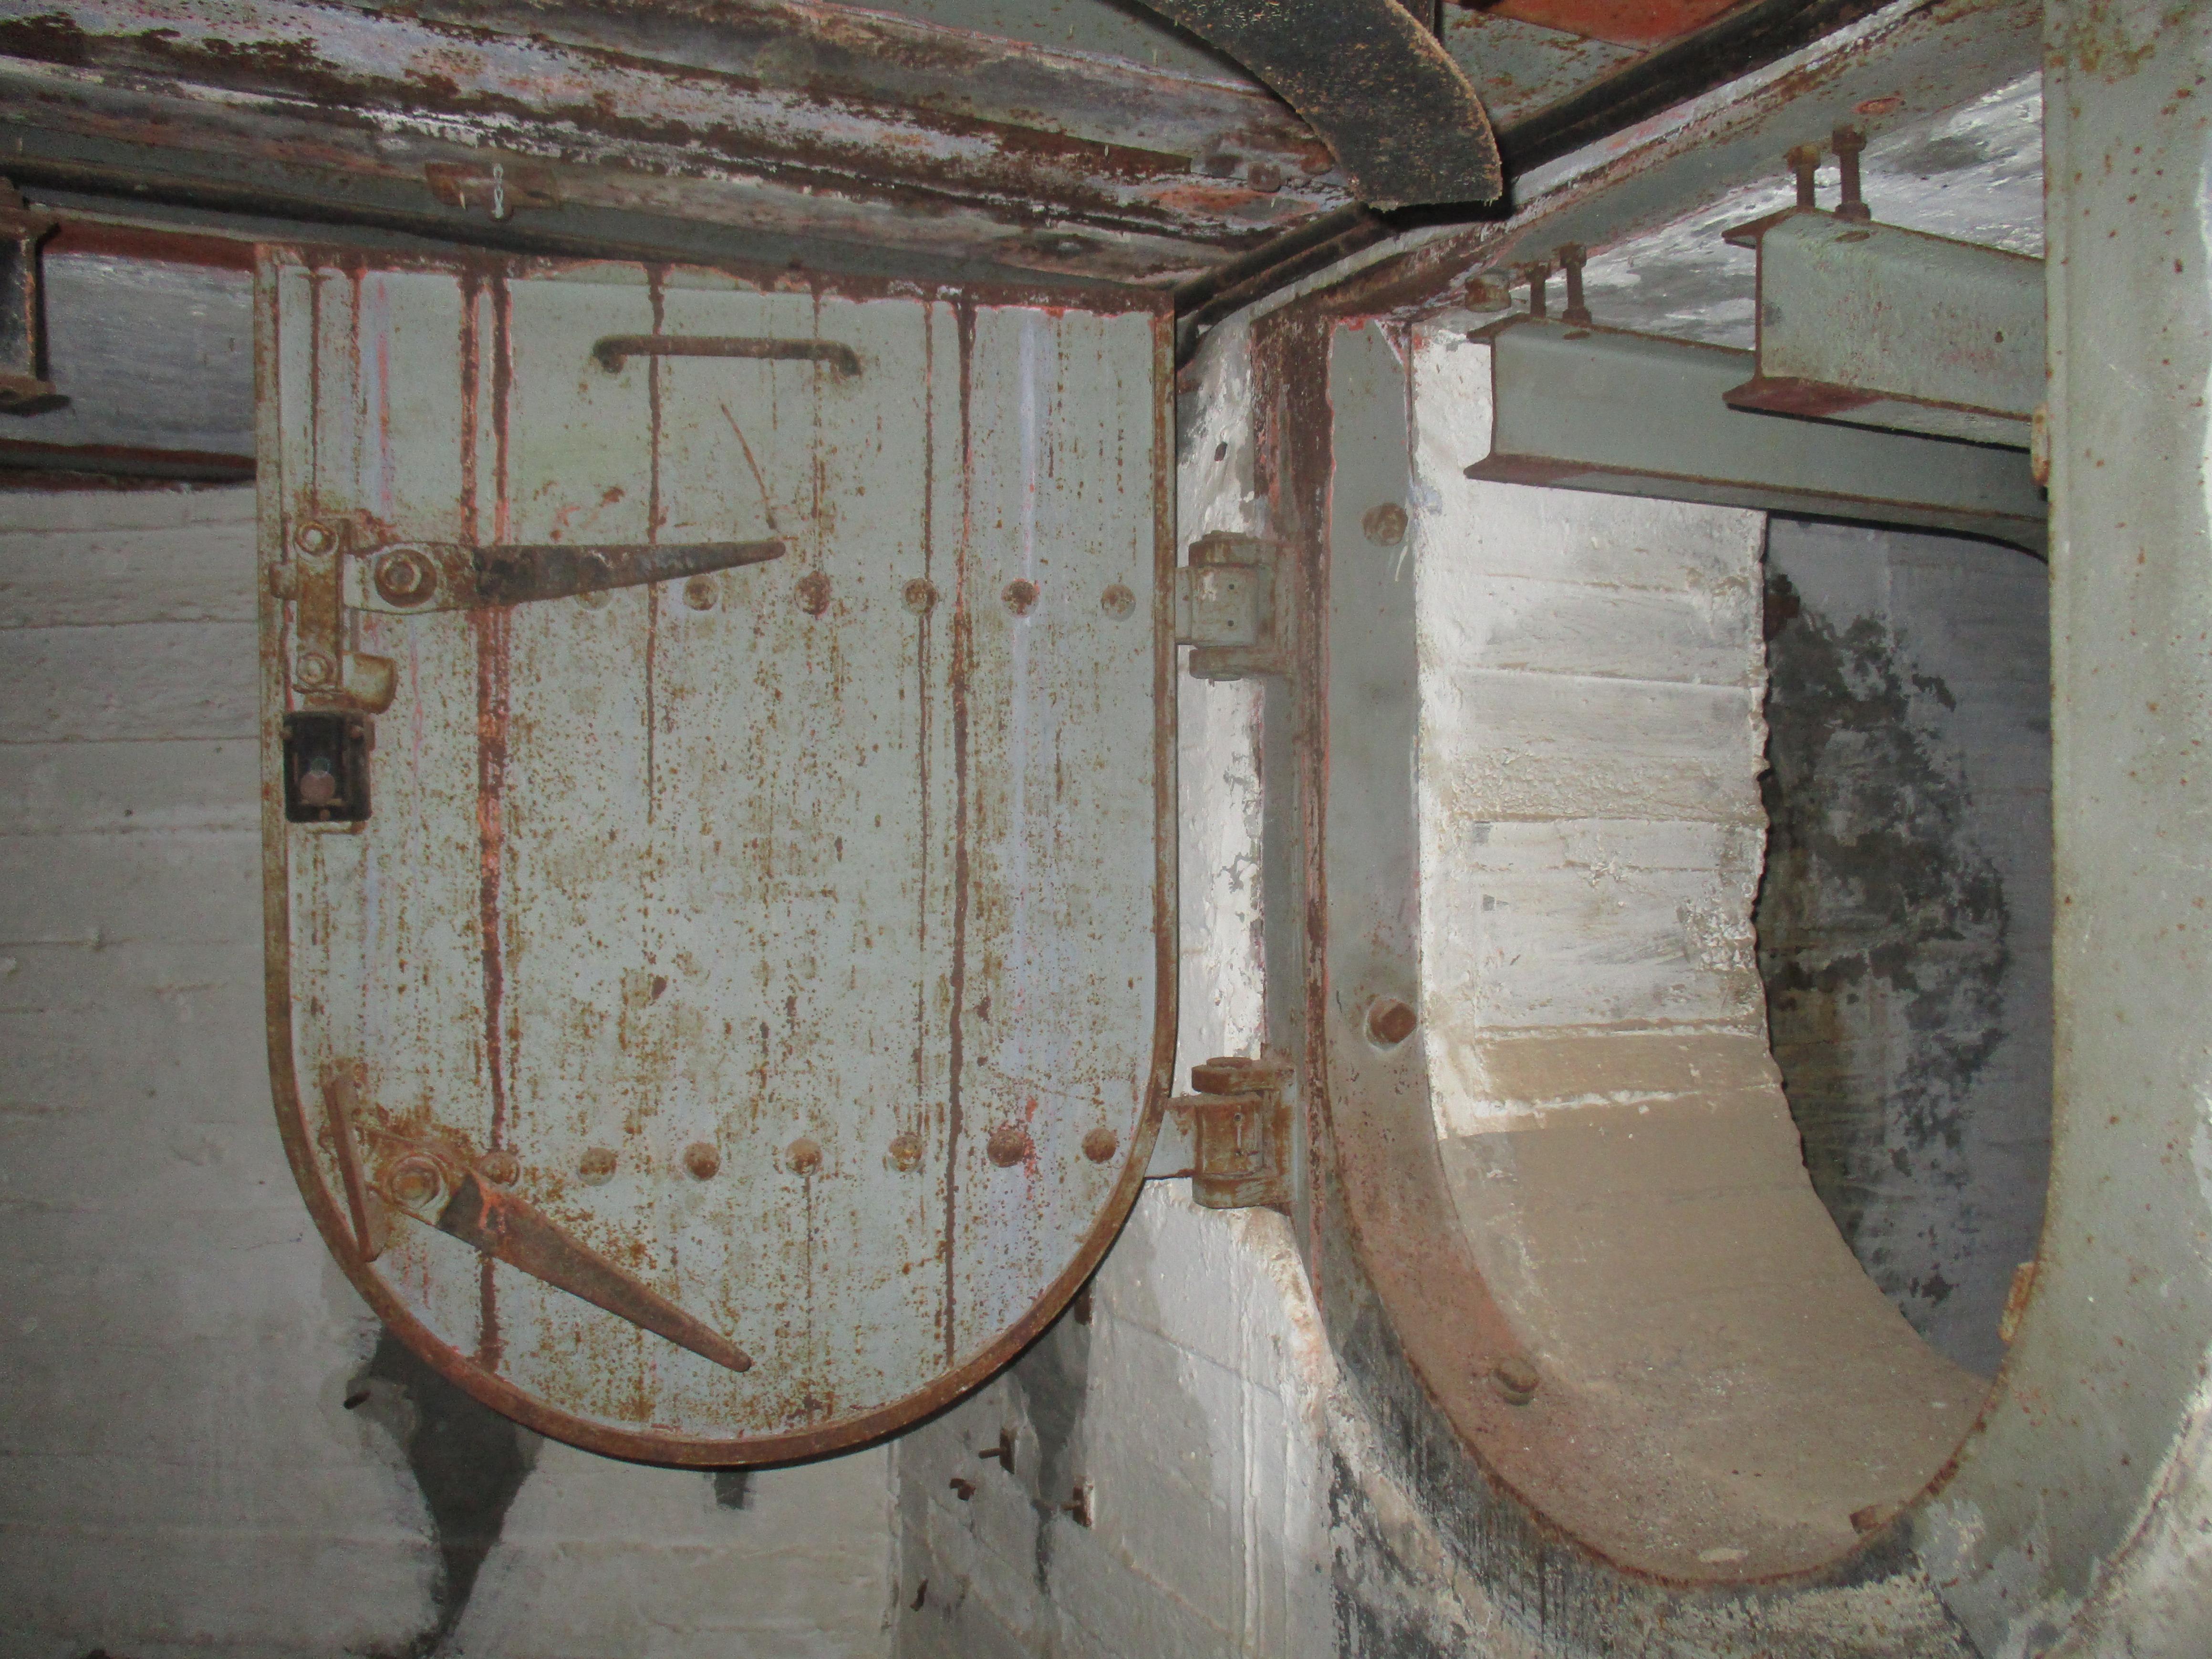 Μια αρκετά ασυνήθιστη πόρτα, σε σχήμα ασπίδας. Παρατηρήστε αριστερά την απόληξη των τροχιών μεταφοράς βλημάτων από τον διπλανό θάλαμο.